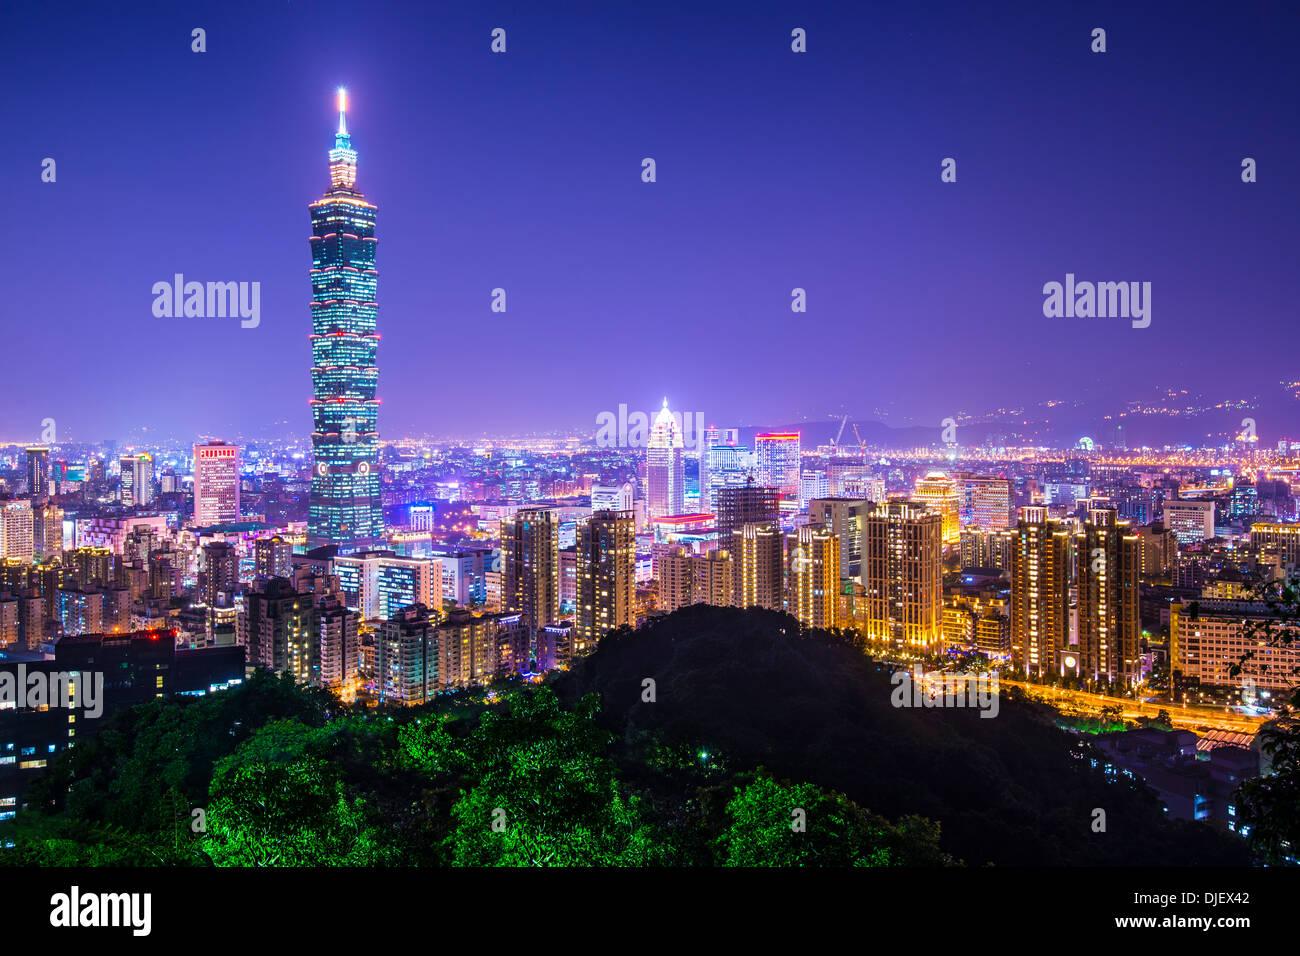 Moderni edifici per uffici a Taipei, Taiwan durante la notte. Immagini Stock